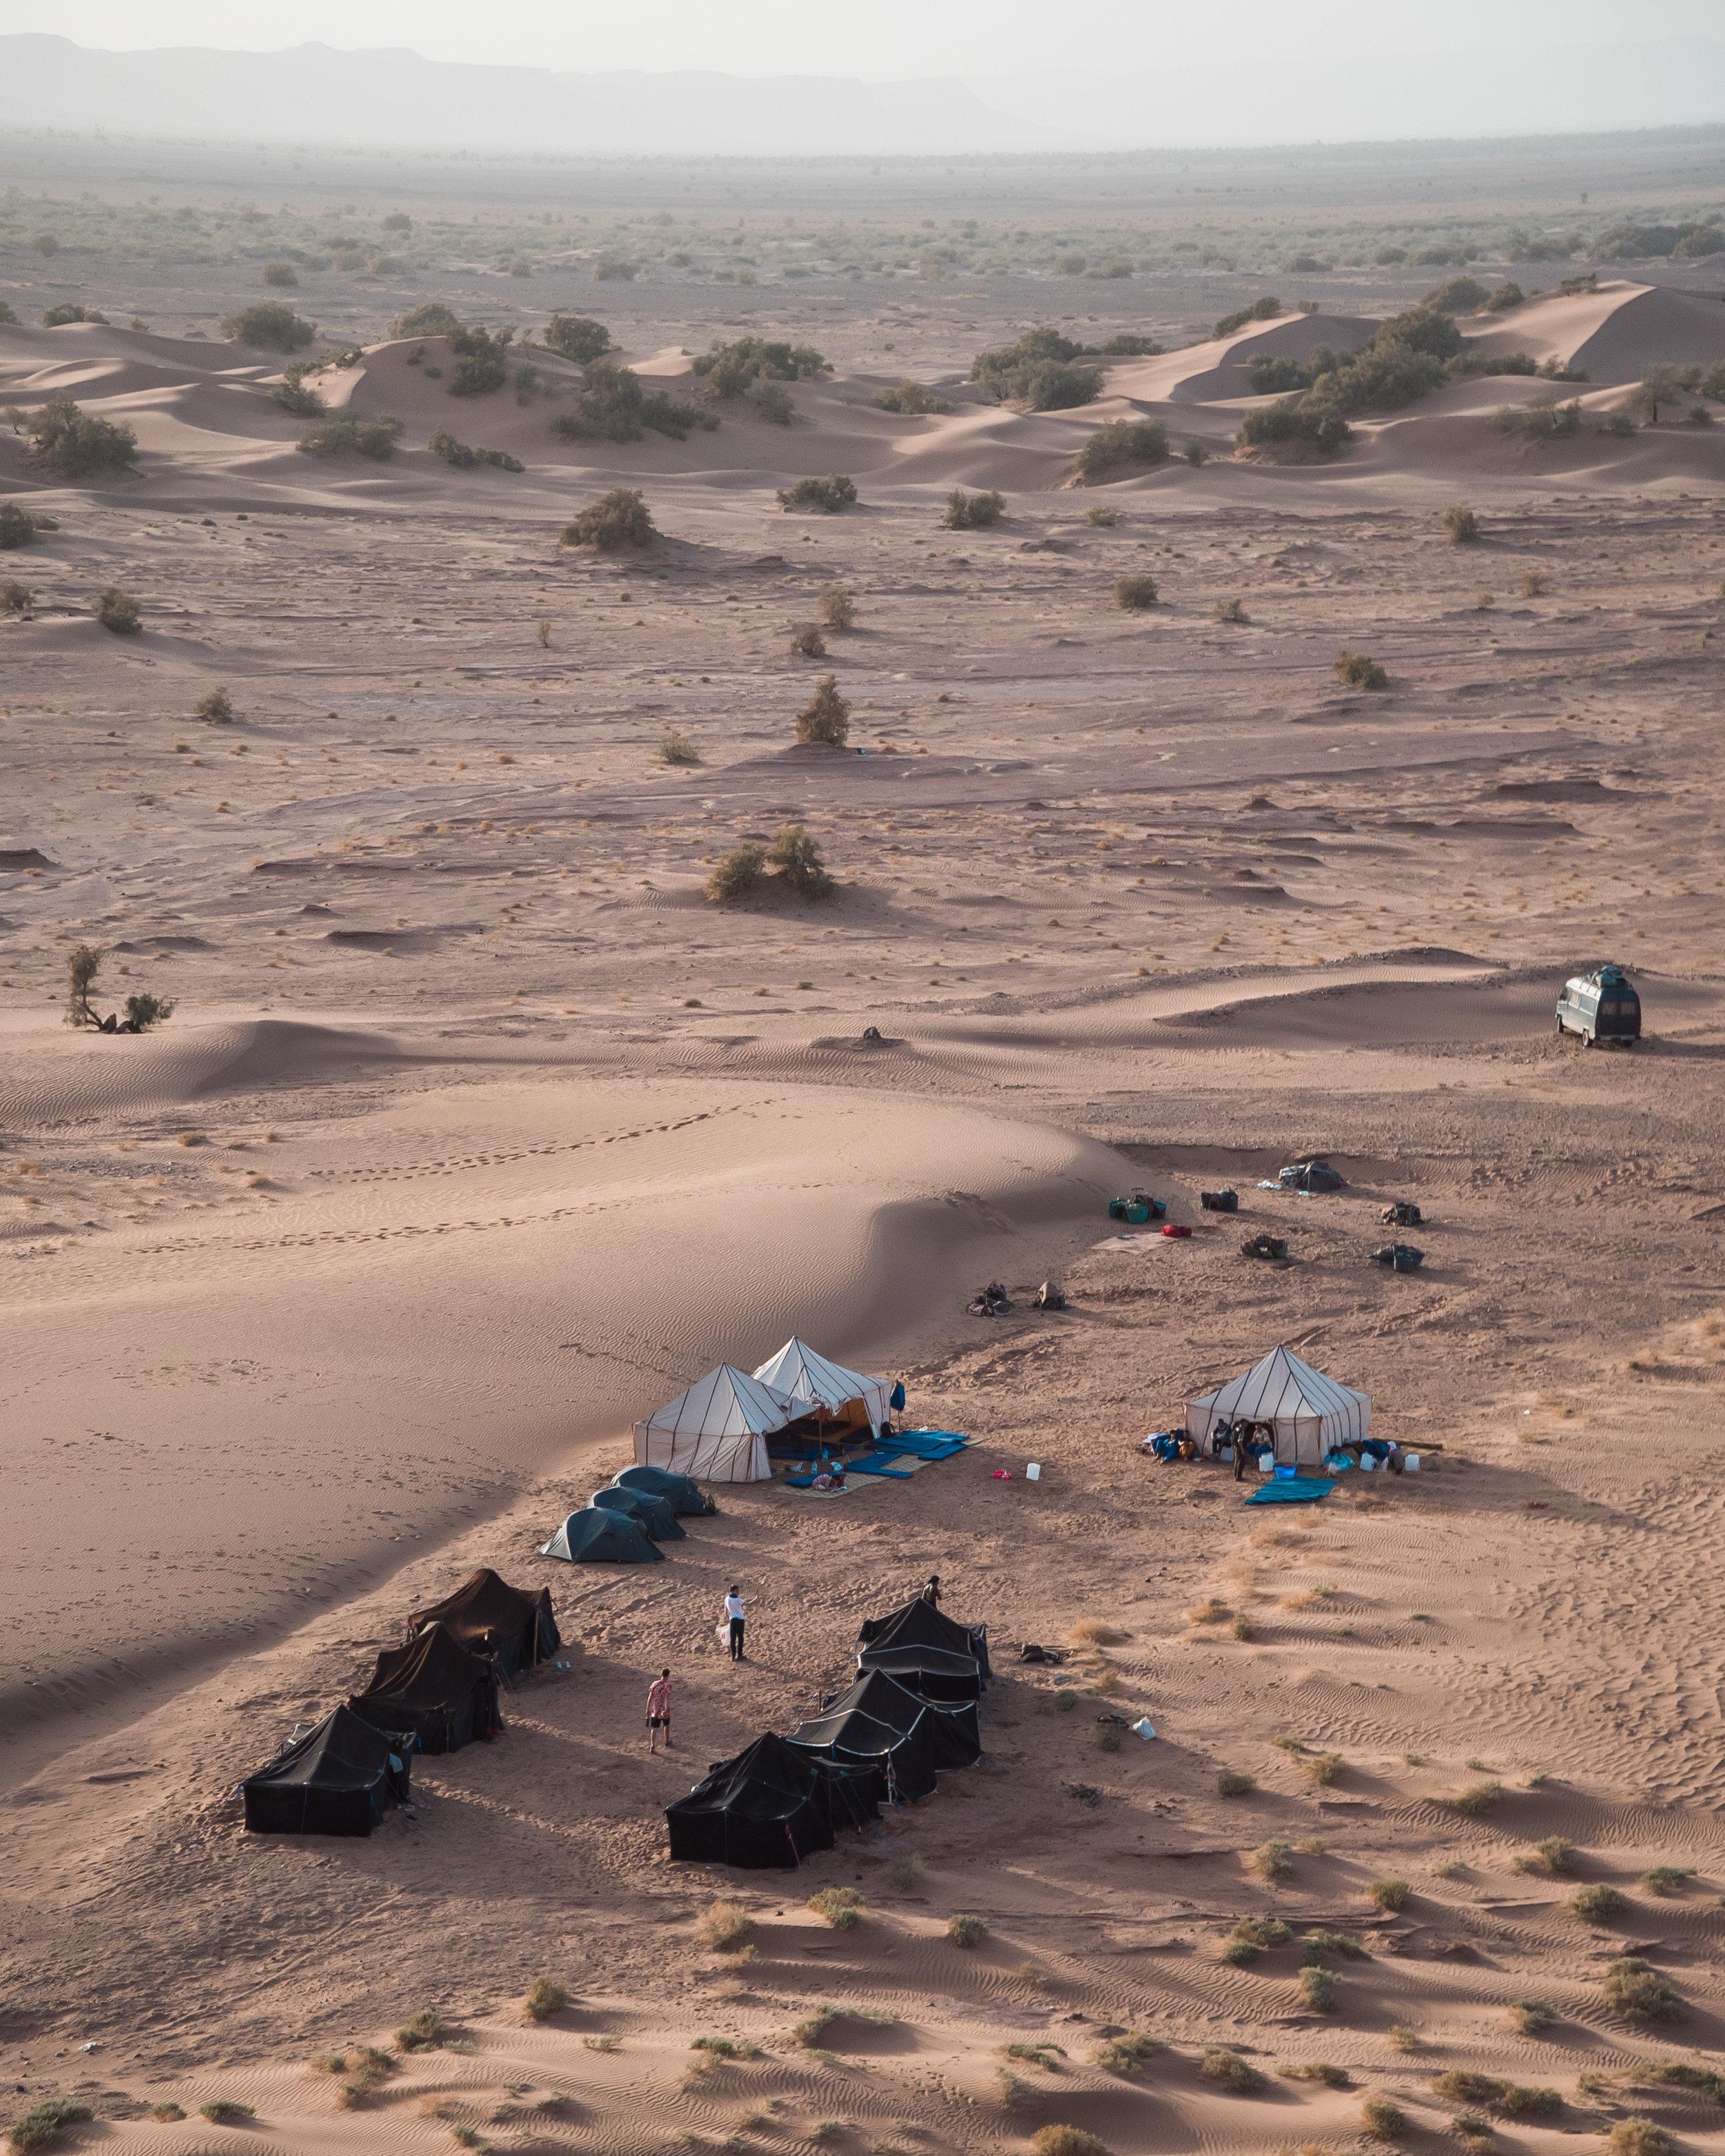 Sahara Desert - Life in the desert